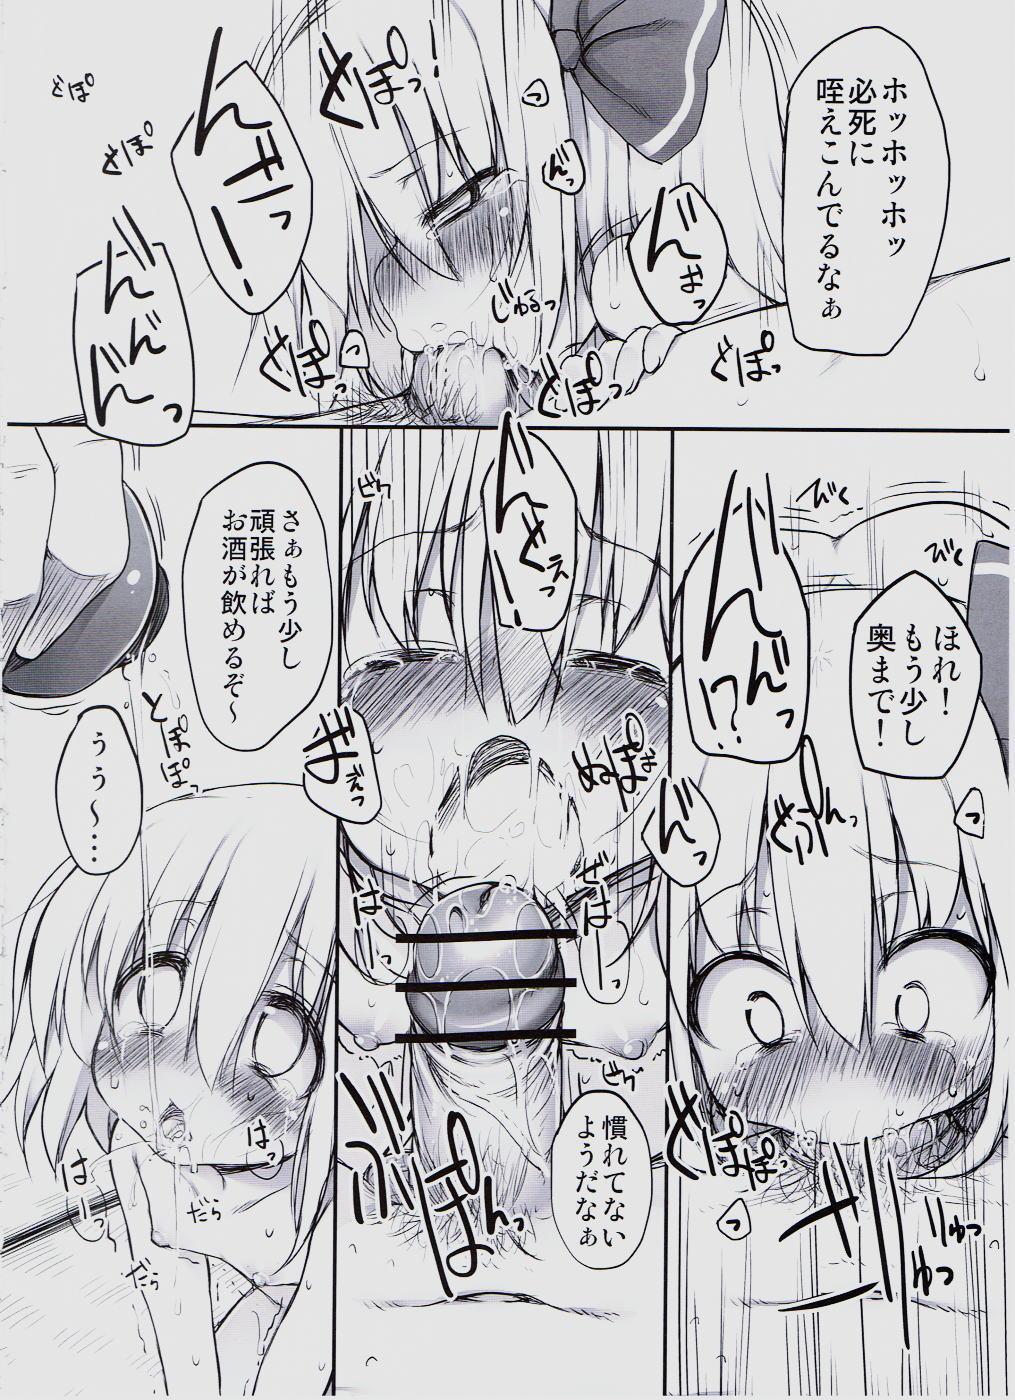 Gensoukyou no Utage 14